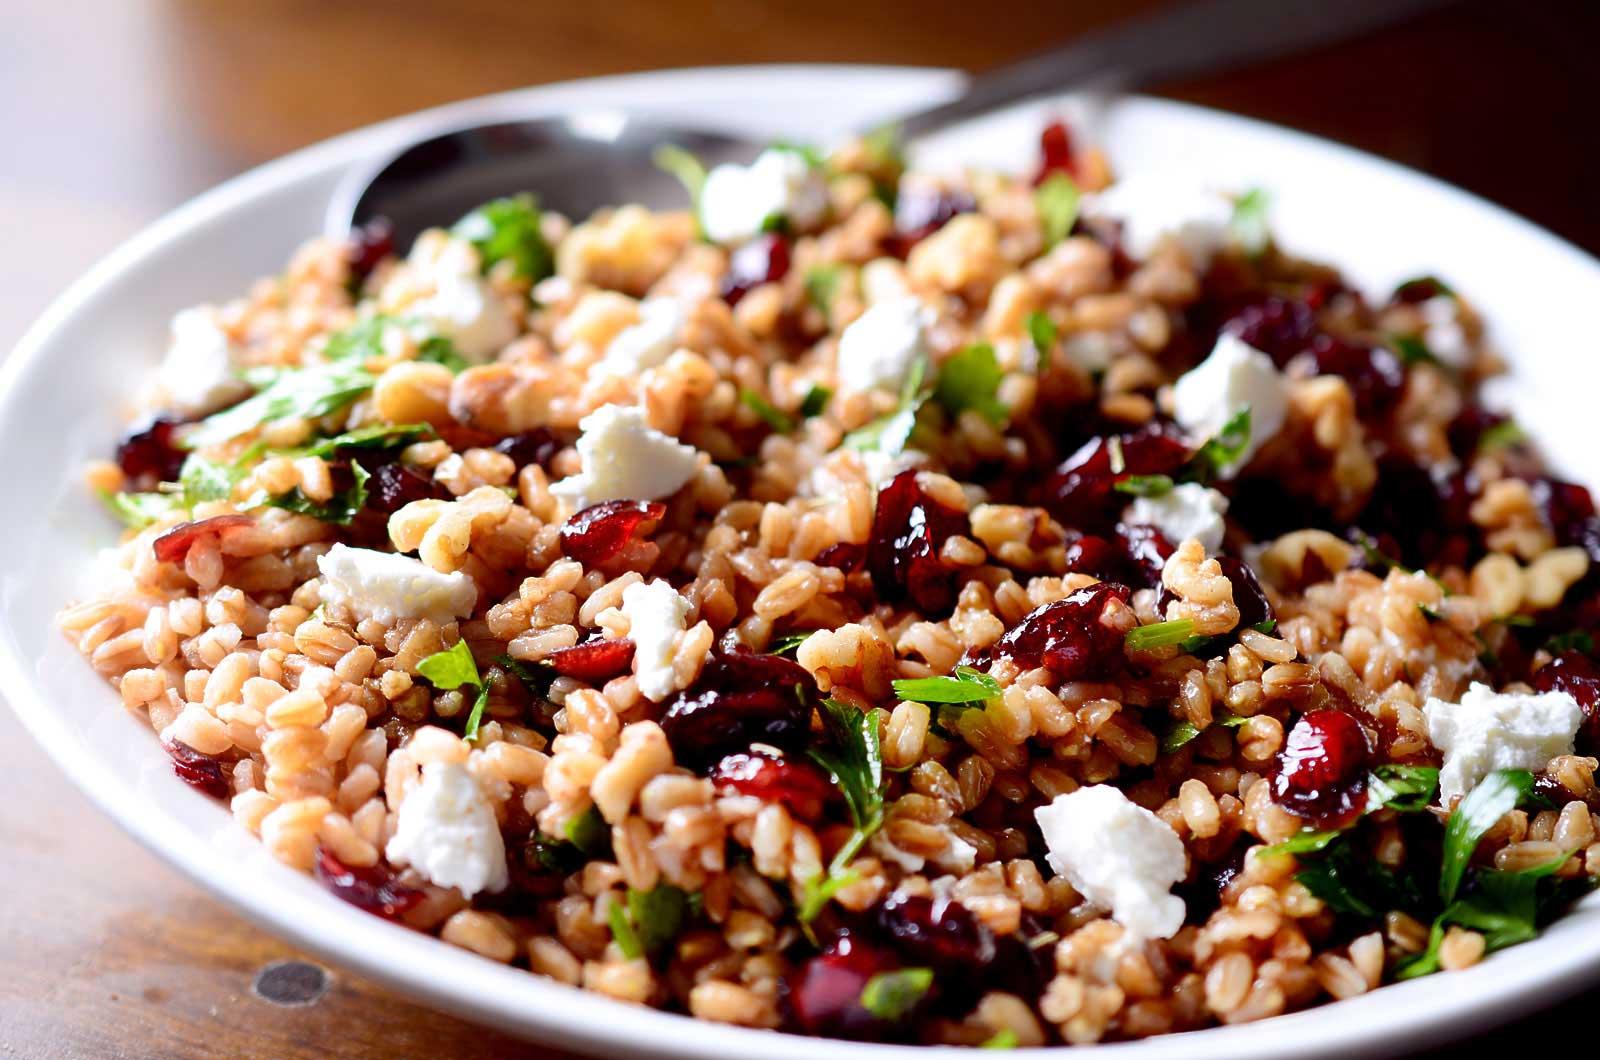 insalata-di-grano-saraceno-con-tofu